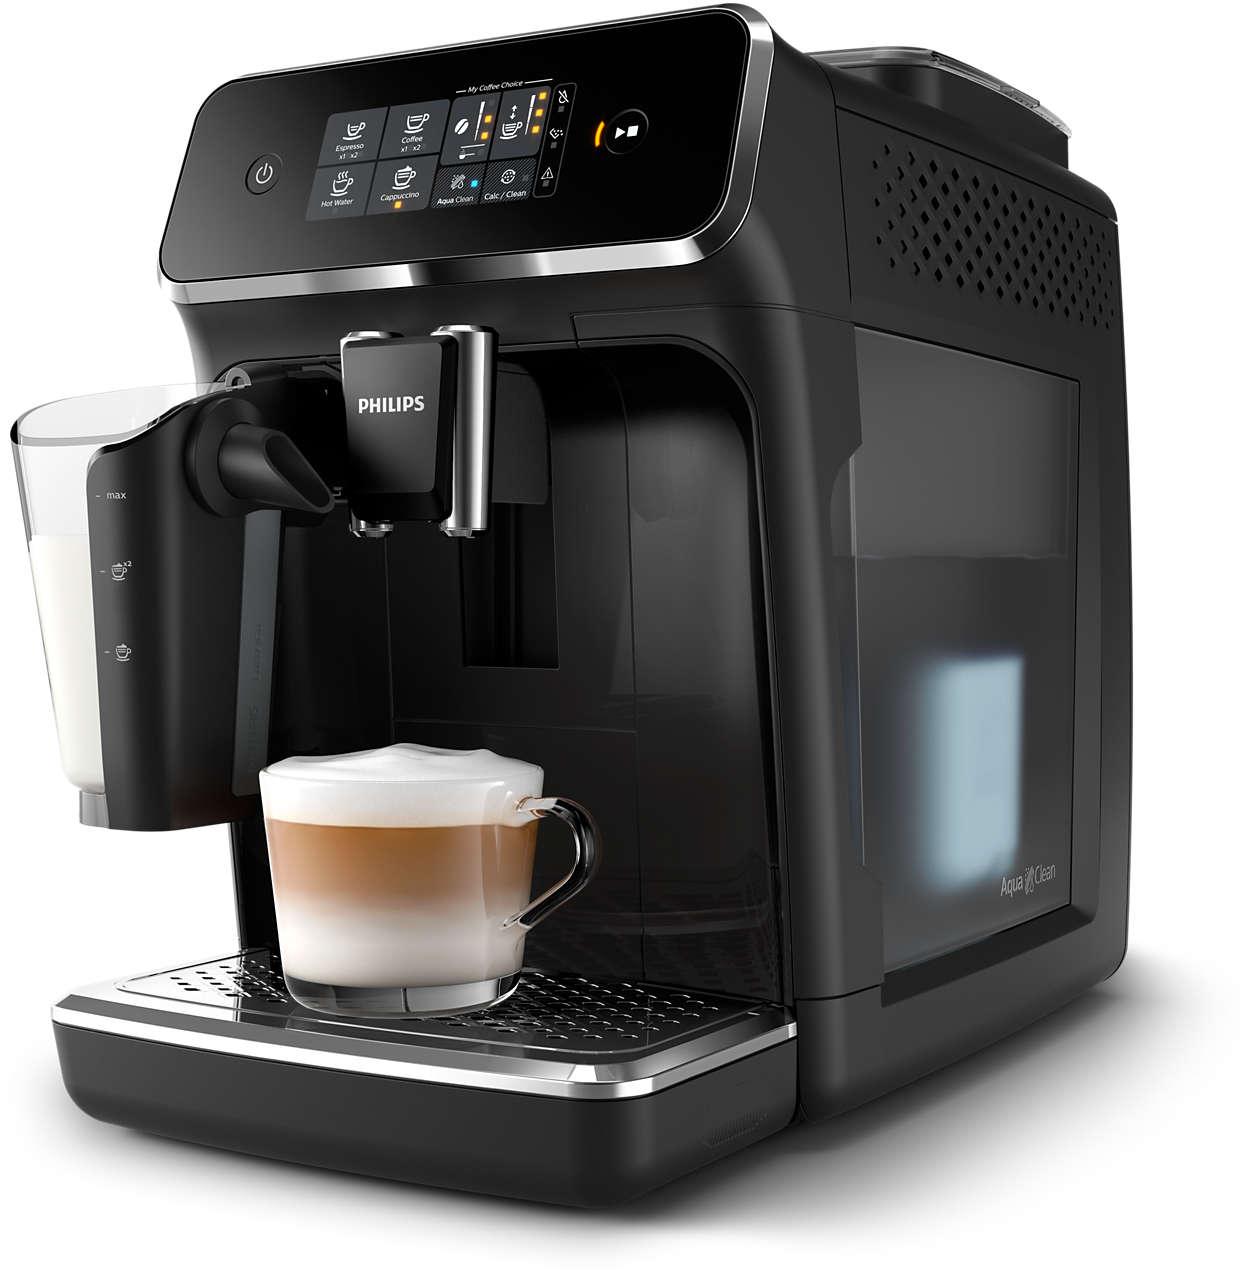 Приготвянето на 3 кафета от свежи зърна вече е по-лесно